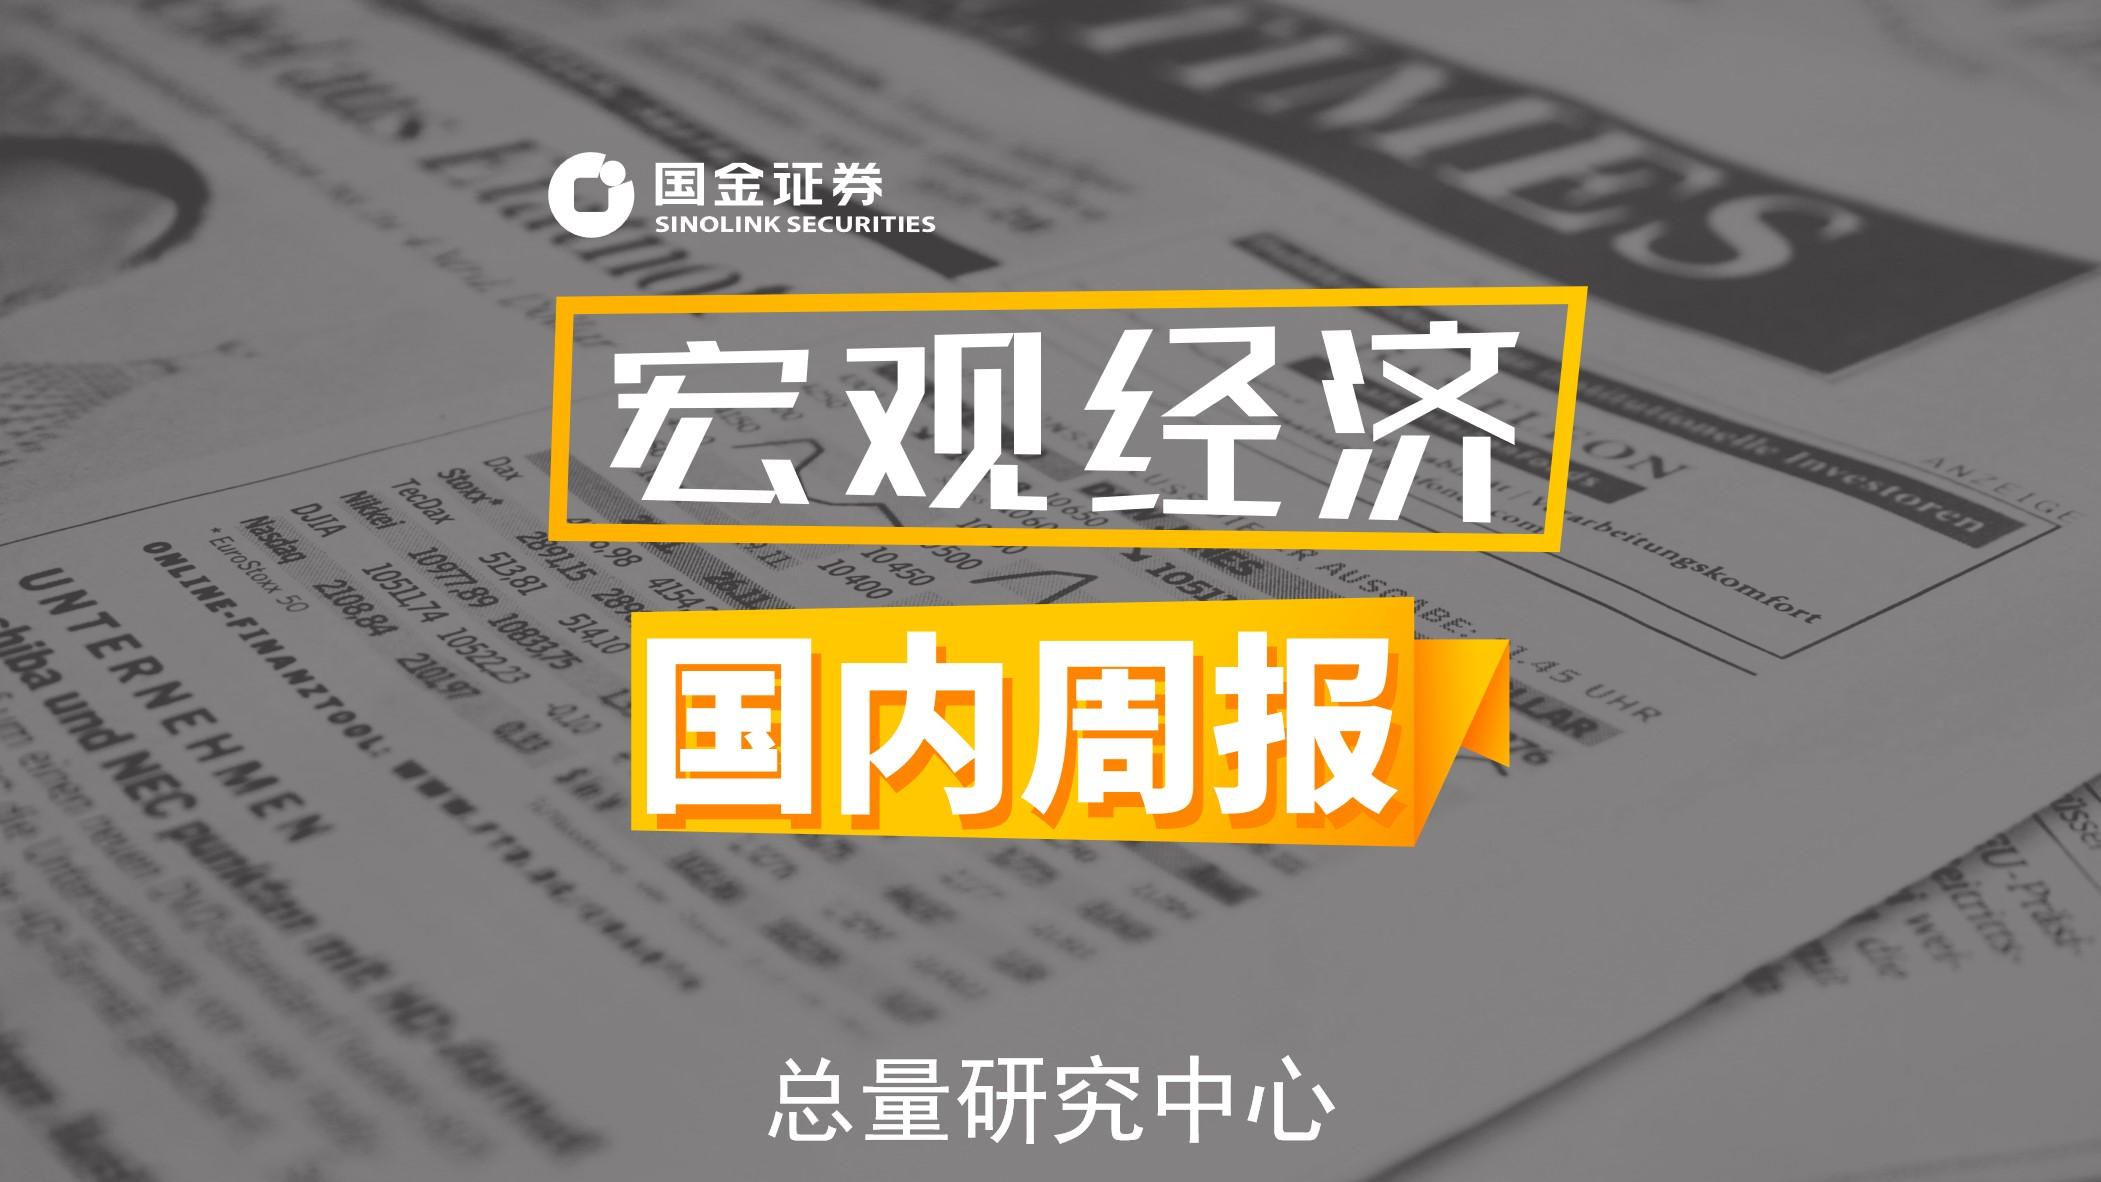 「国金研究」国内宏观周报:工业企业营收和利润分化背后